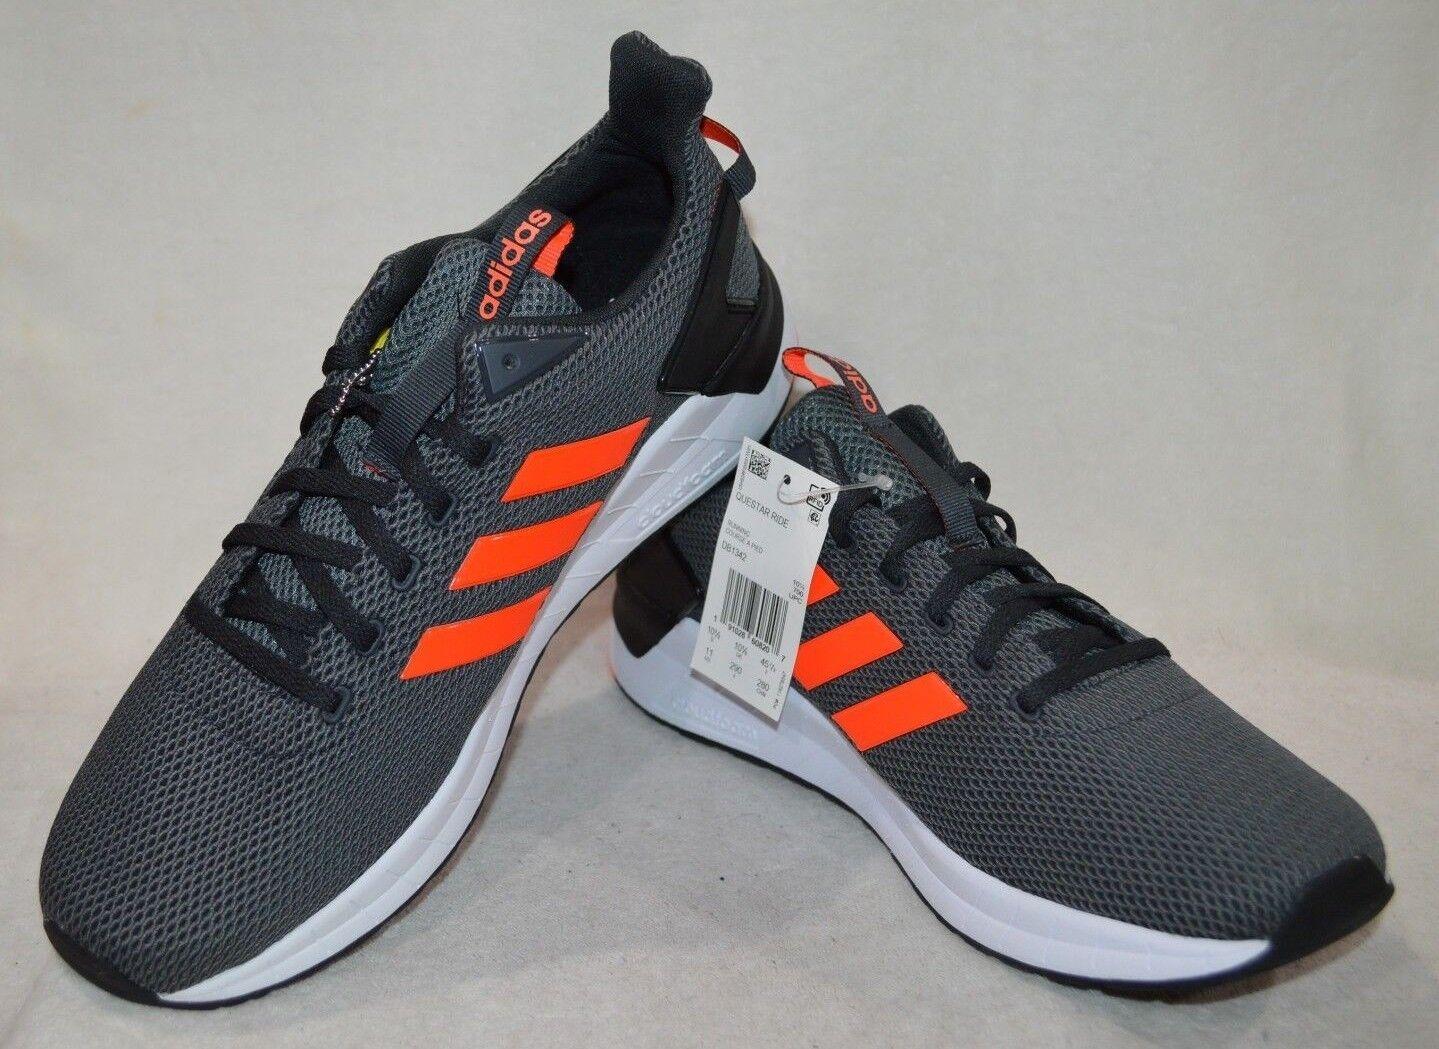 Adidas para hombre Questar Ride De Carbono Solrojo Tenis para Correr-tamaños surtidos Nueva con caja DB1342